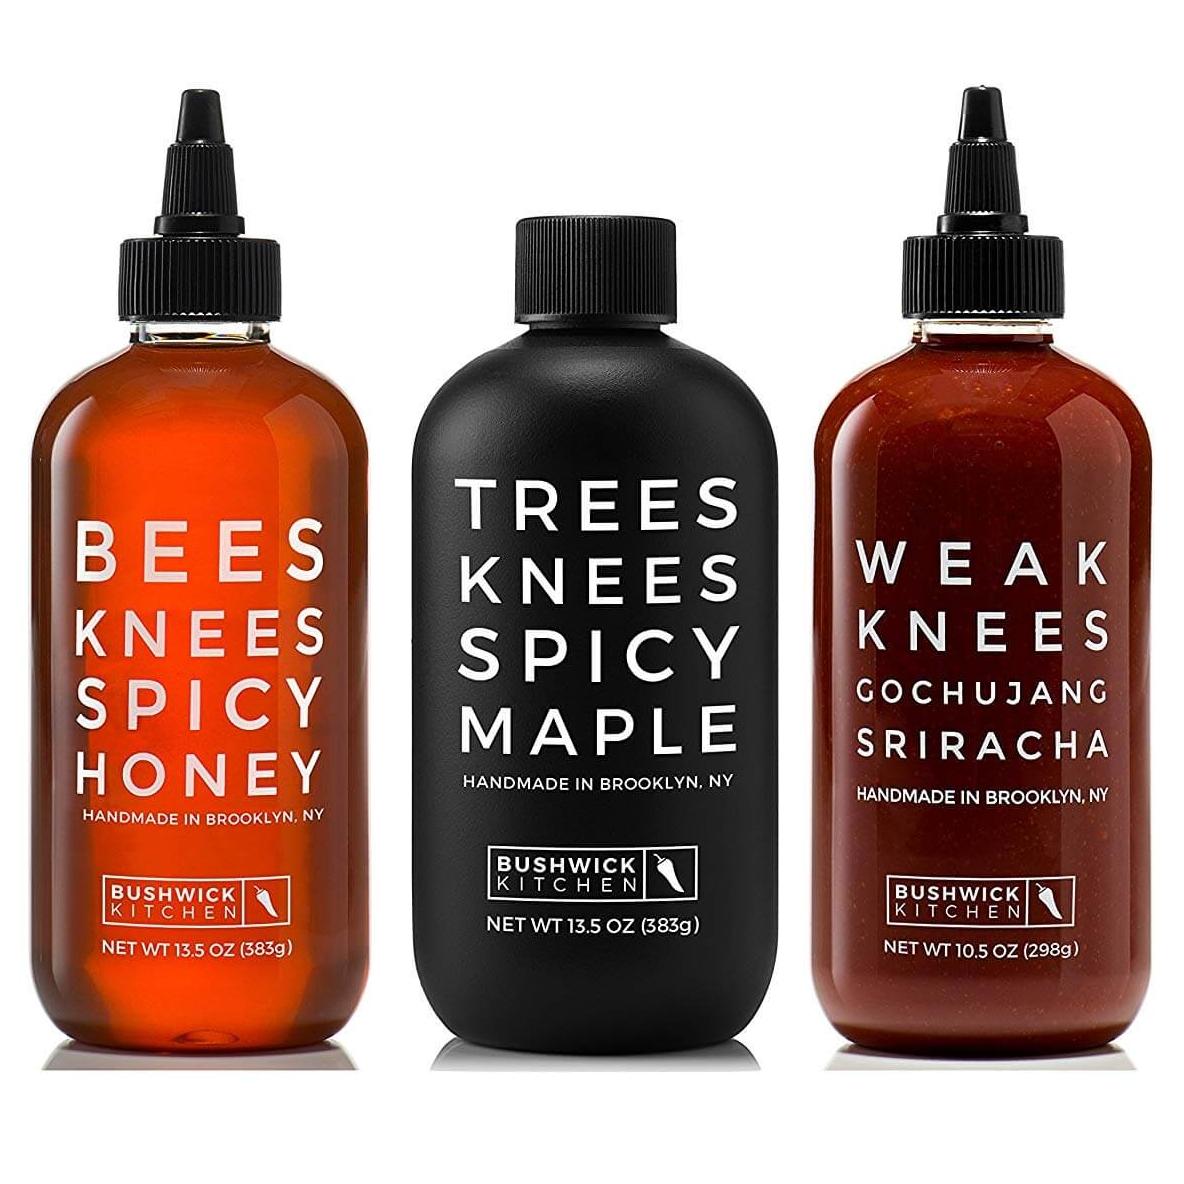 Bushwick Kitchen Threes Knees Spicy Trio Hot Sauce Gift Set